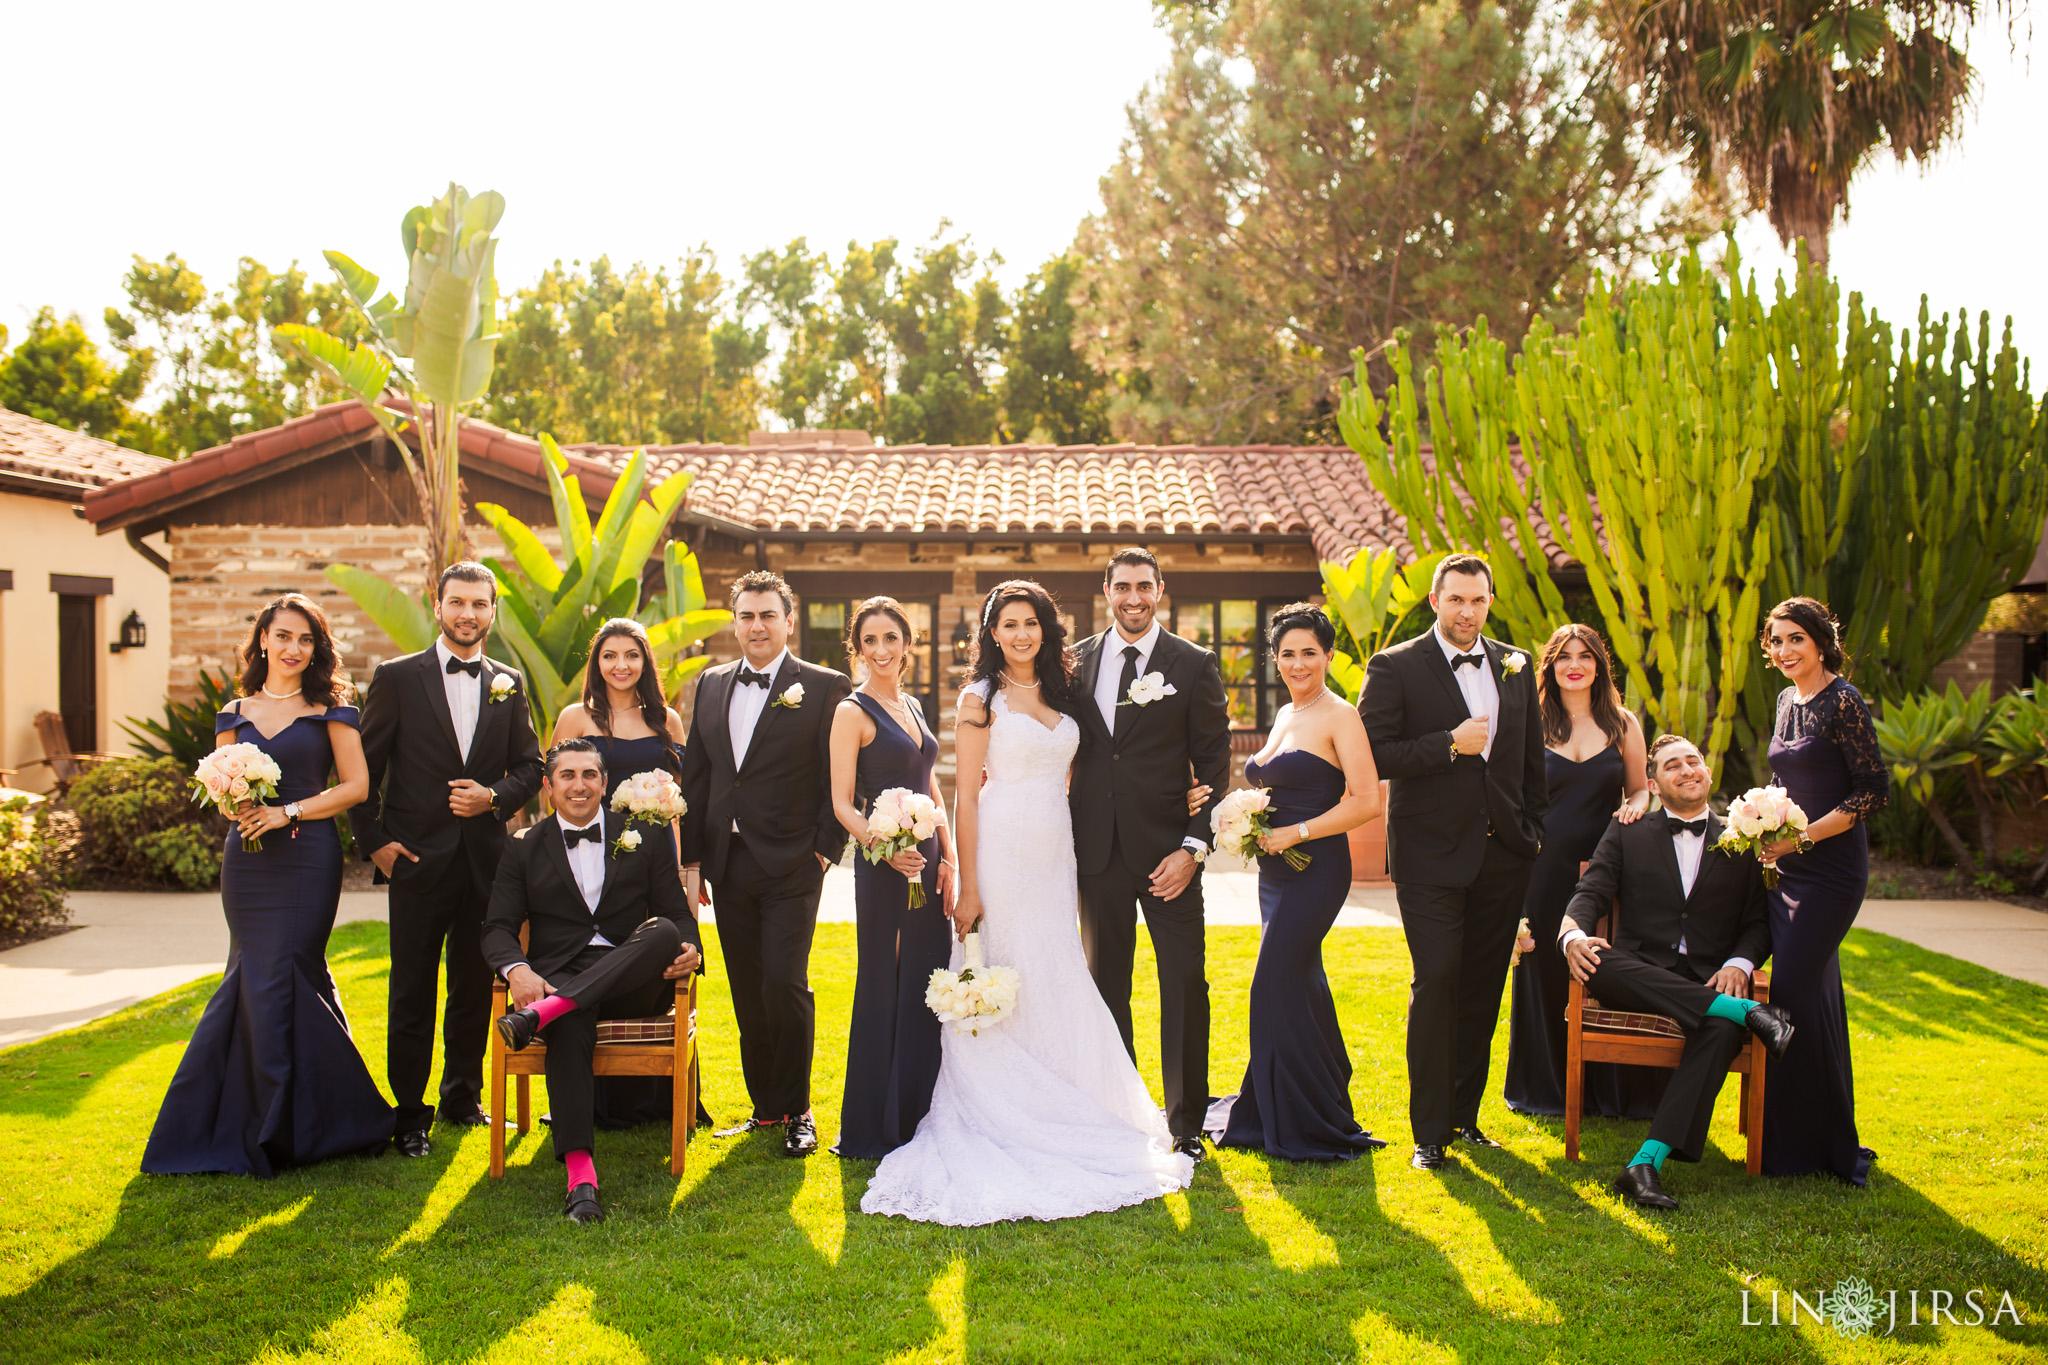 037 estancia la jolla hotel spa persian wedding party photography